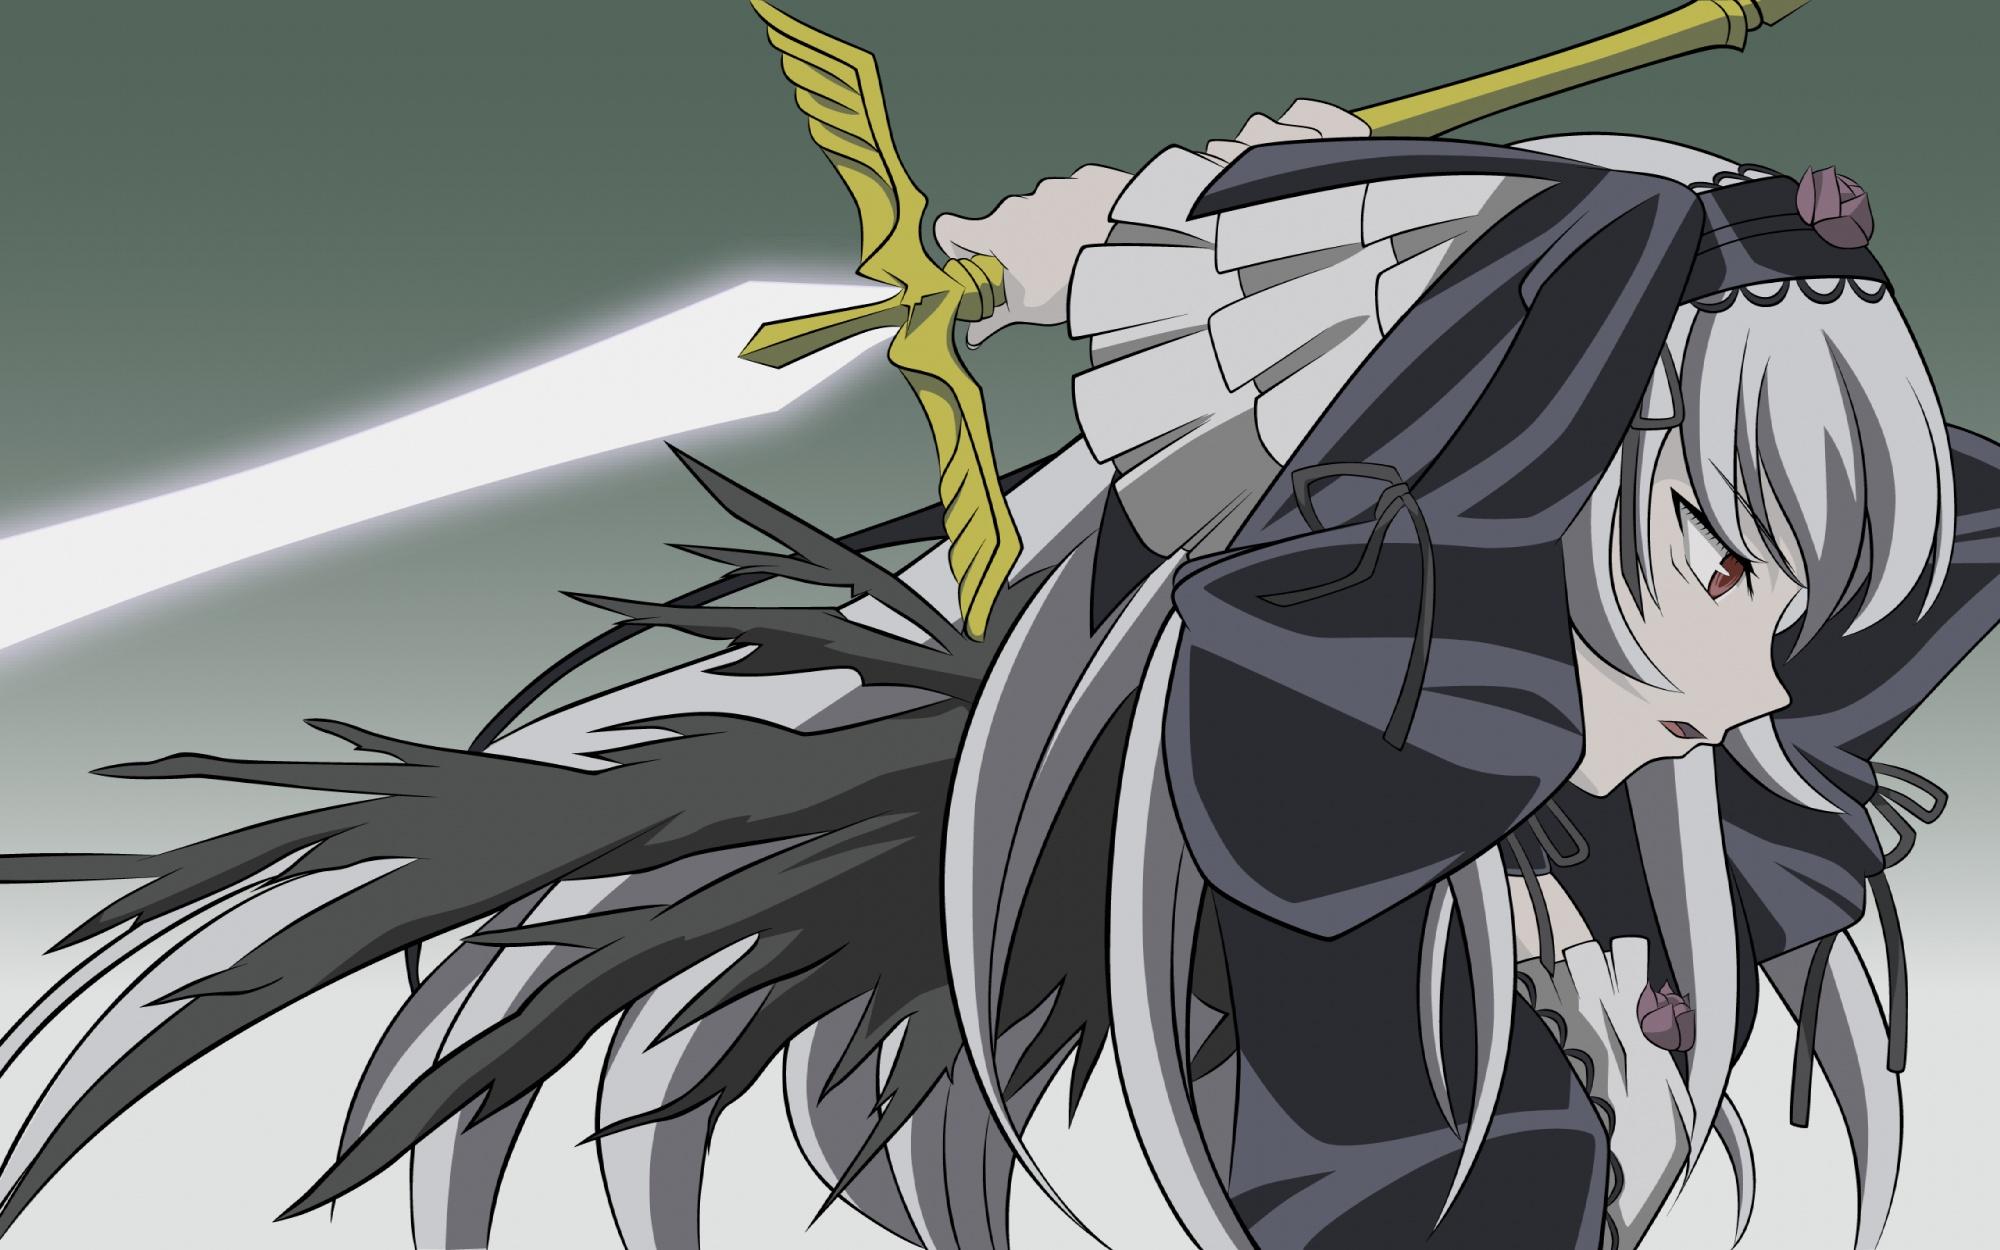 rozen_maiden suigintou sword weapon